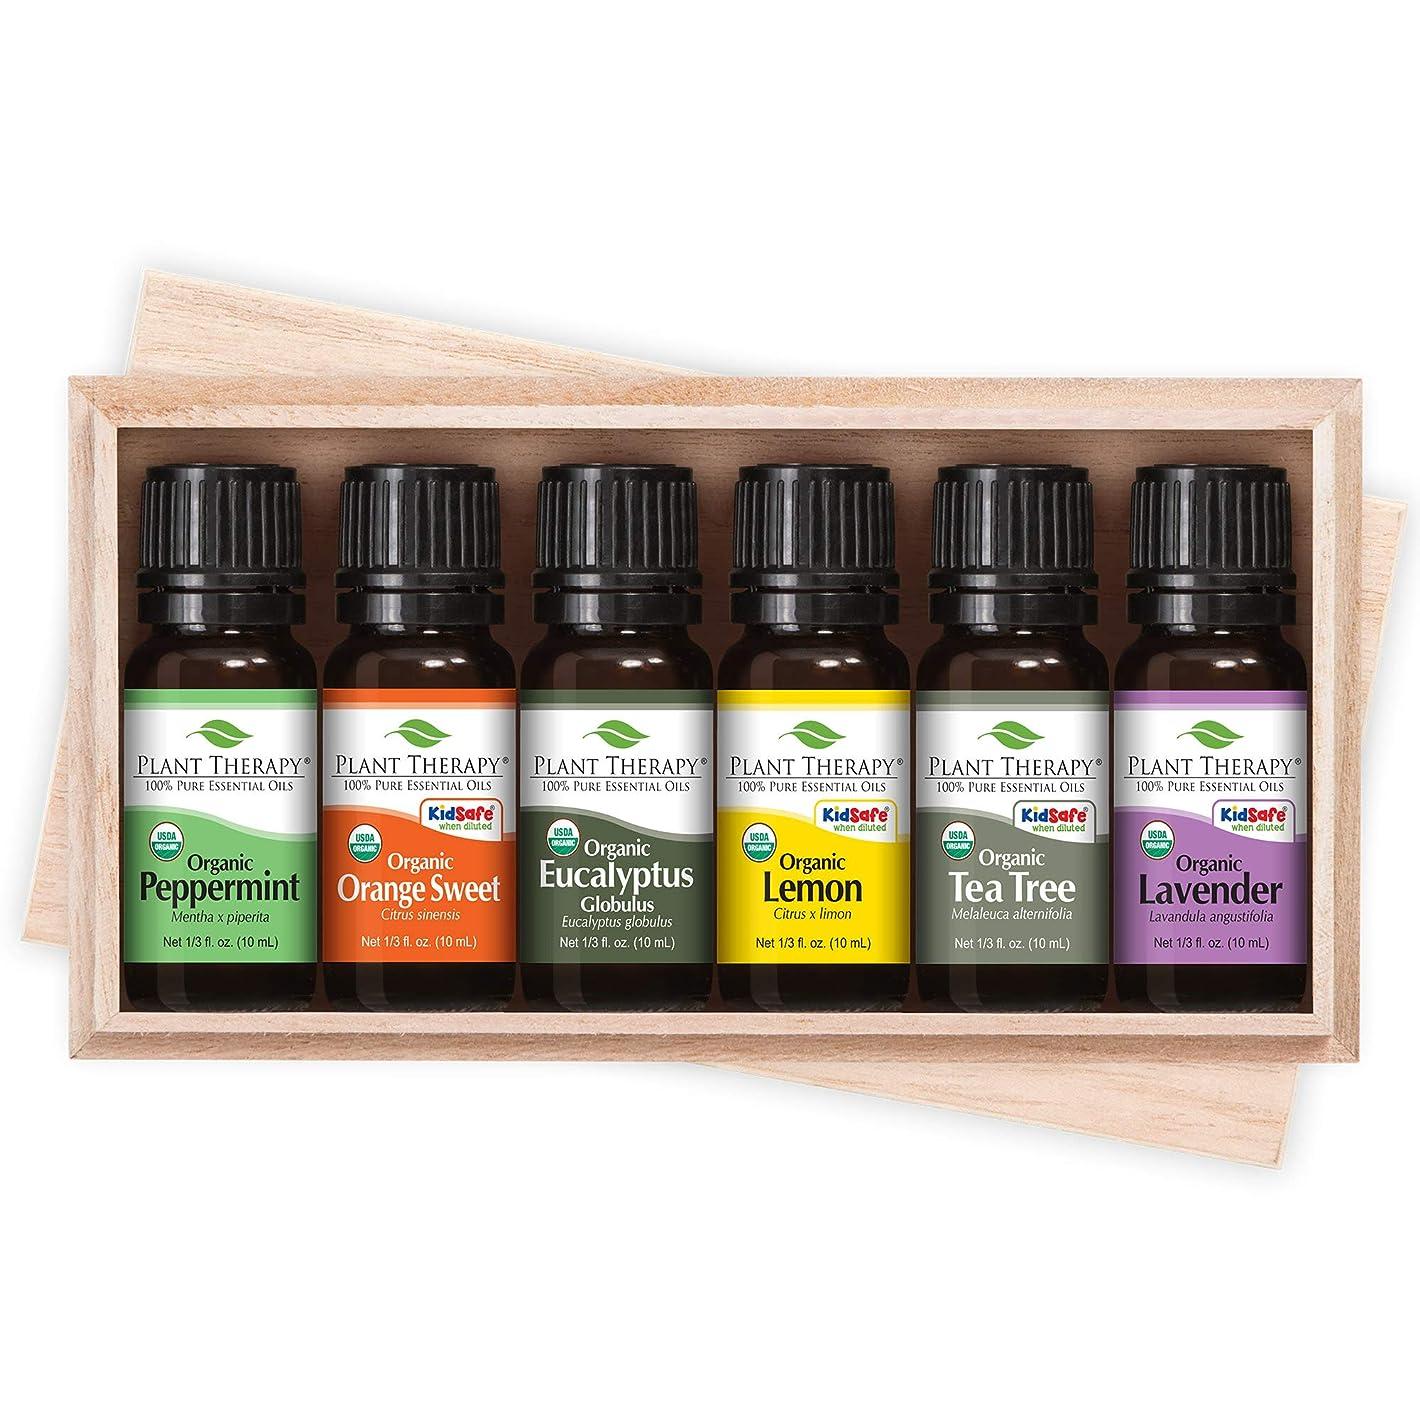 不要抑圧する息苦しい植物セラピートップ6 USDA認定オーガニックエッセンシャルオイルを設定します。含まれるもの:ユーカリ、ラベンダー、オレンジ、ペパーミント、レモンやティーツリーを。 10mLの(1/3オンス)それぞれ。